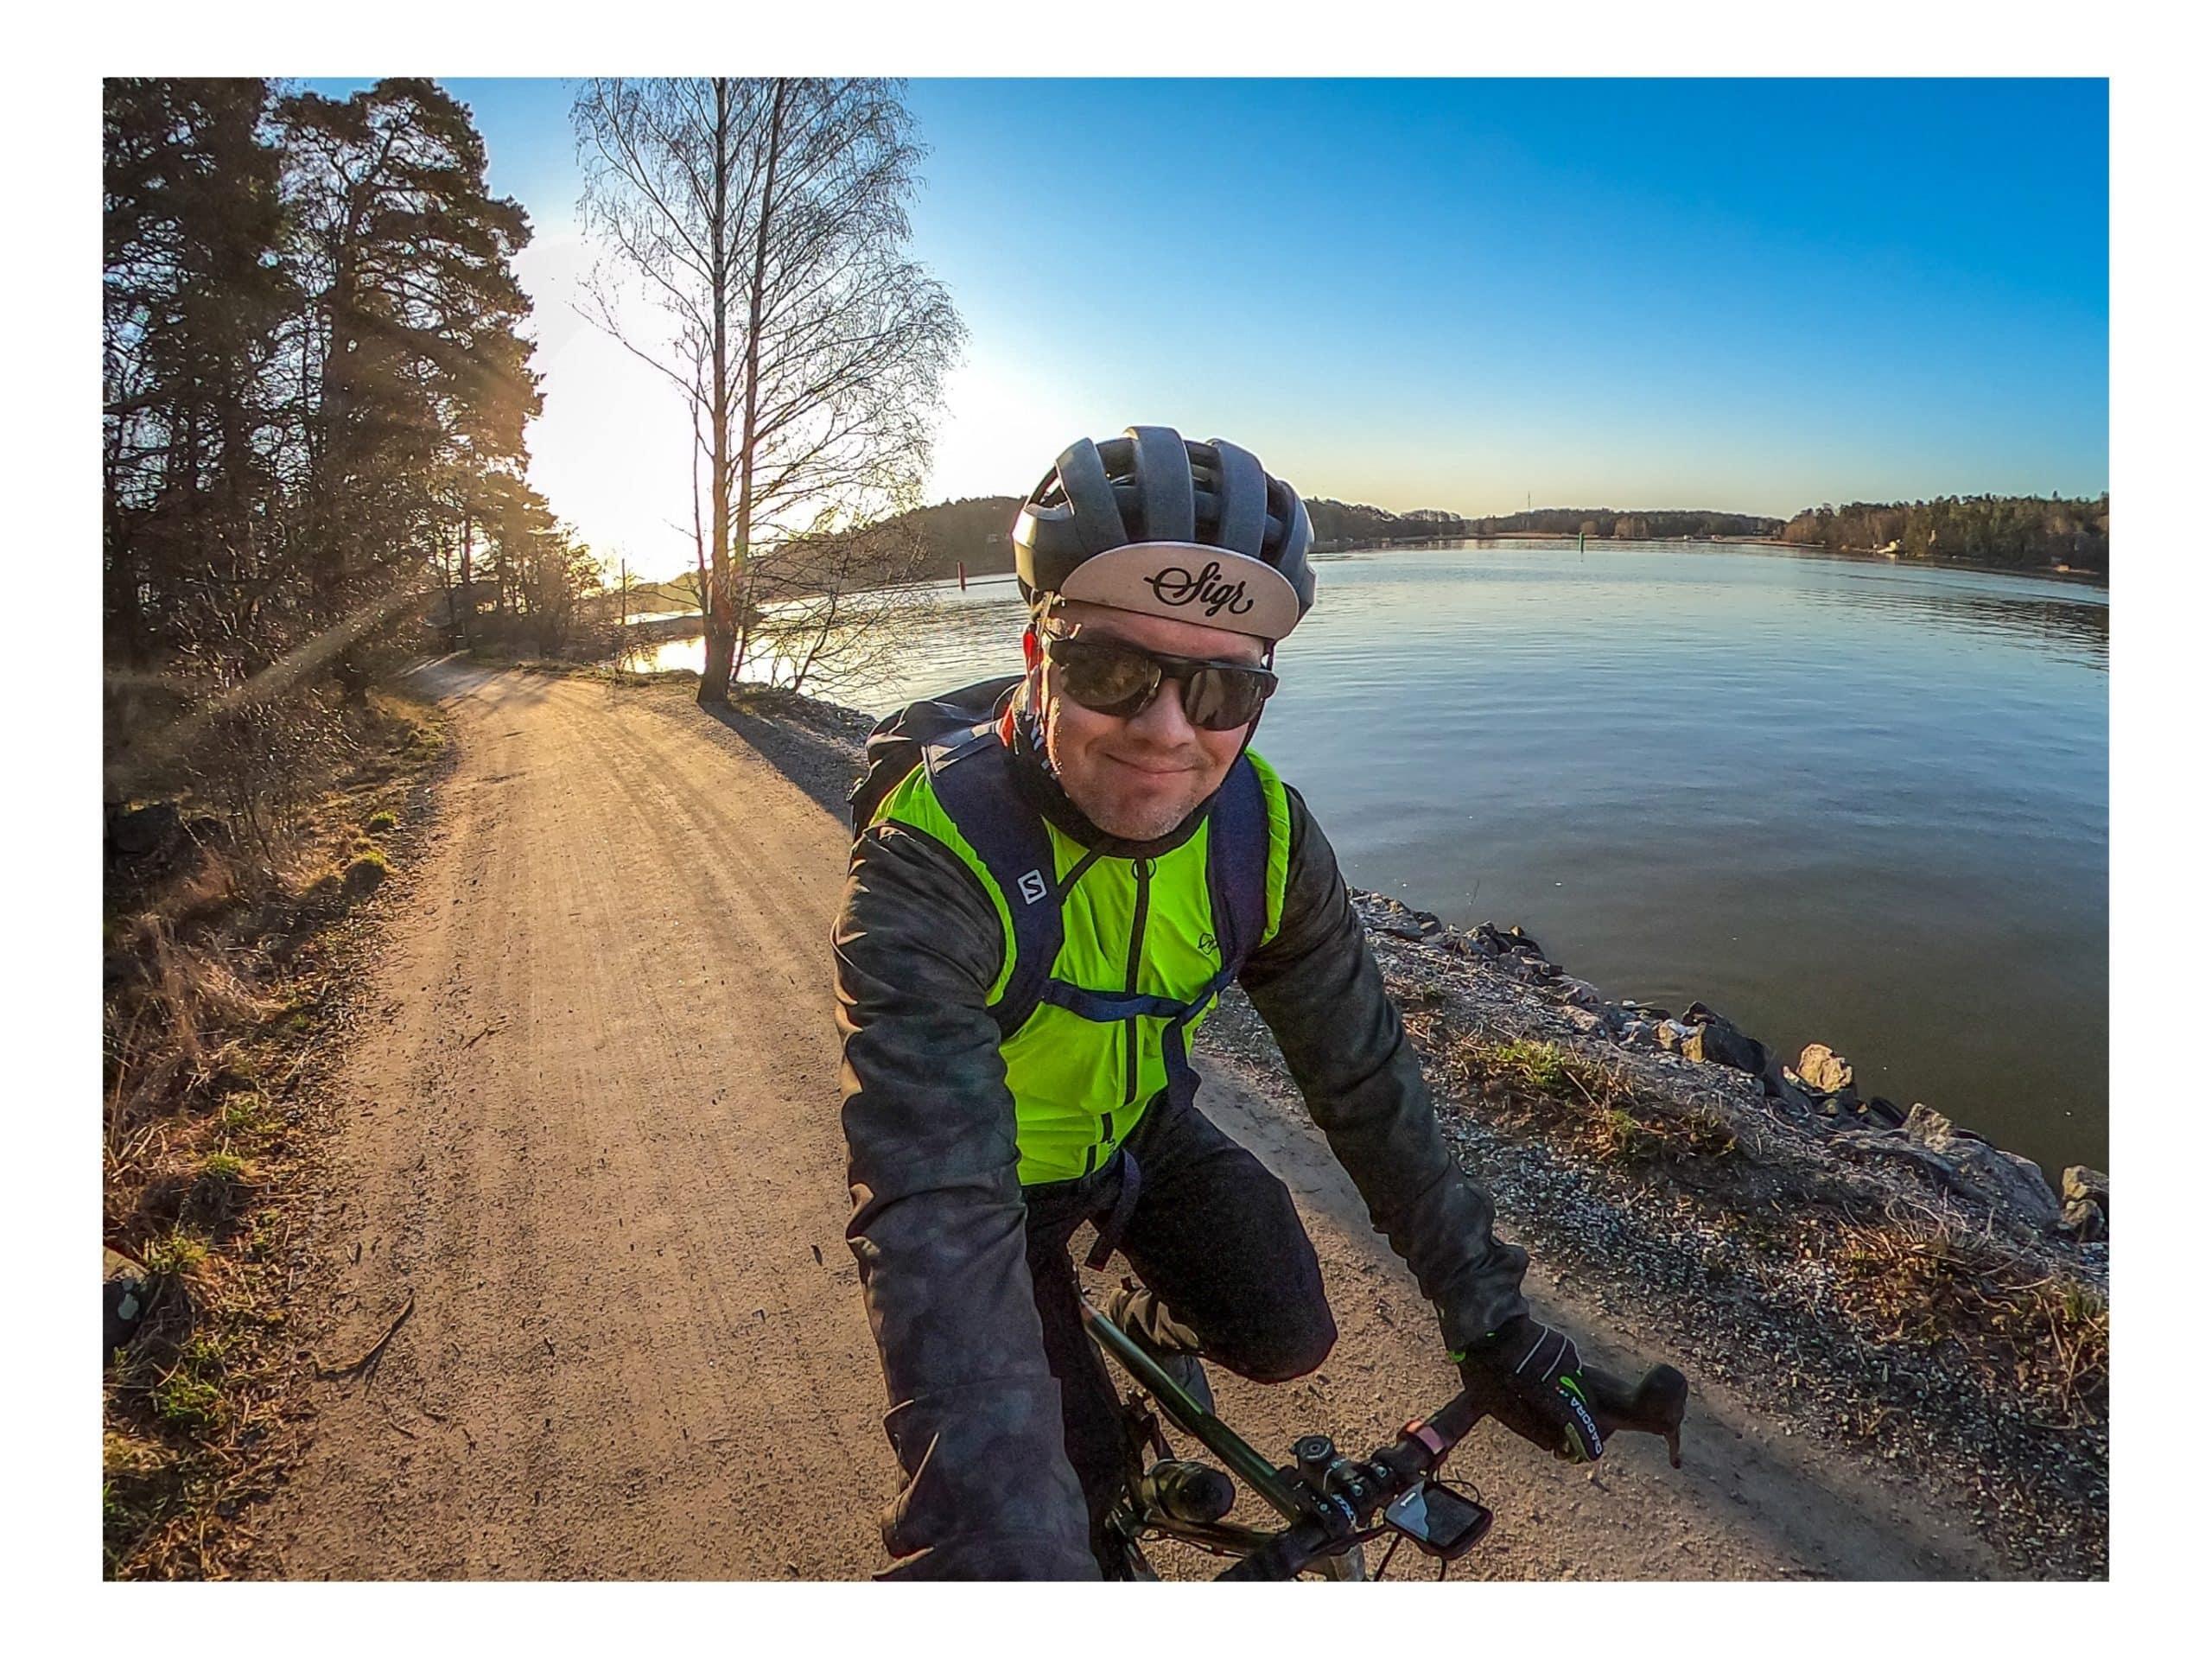 Polkupyörän huolto ja vinkit pyörän huoltoon